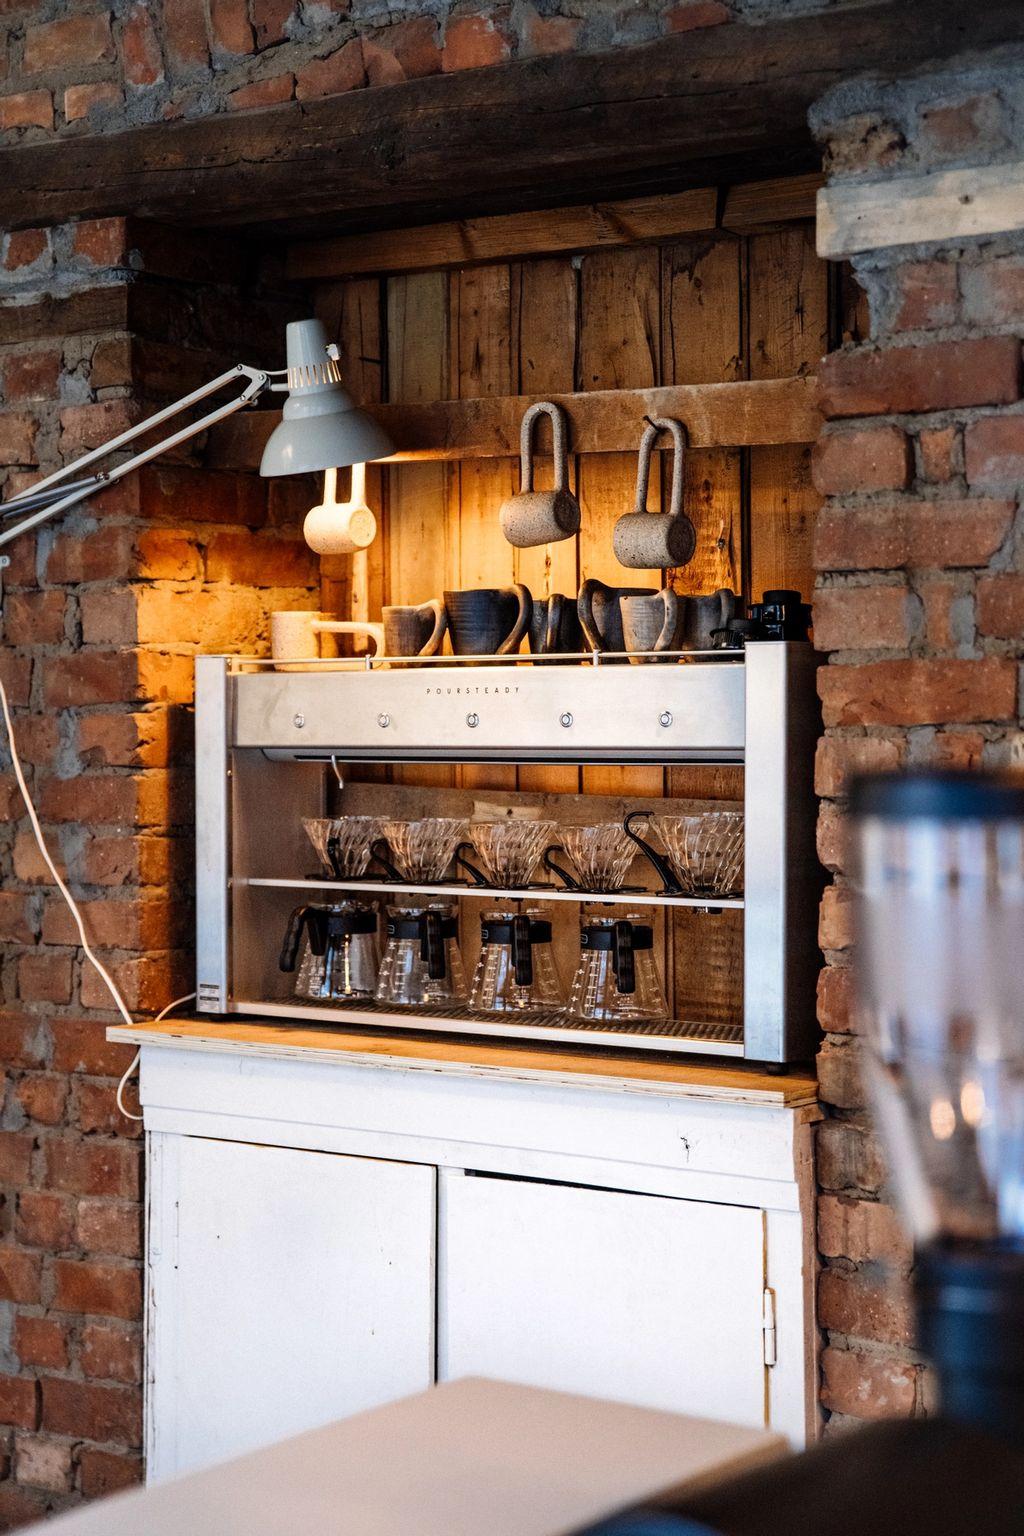 Kaffemaskina kan brygge fem V60-kolber med Tim Wendelboe-kaffe samtidig.